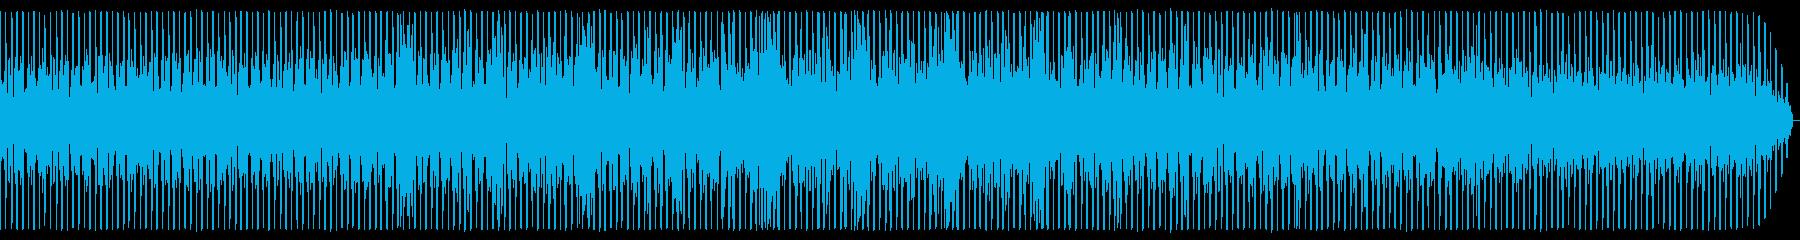 ミドルテンポなテクノの再生済みの波形